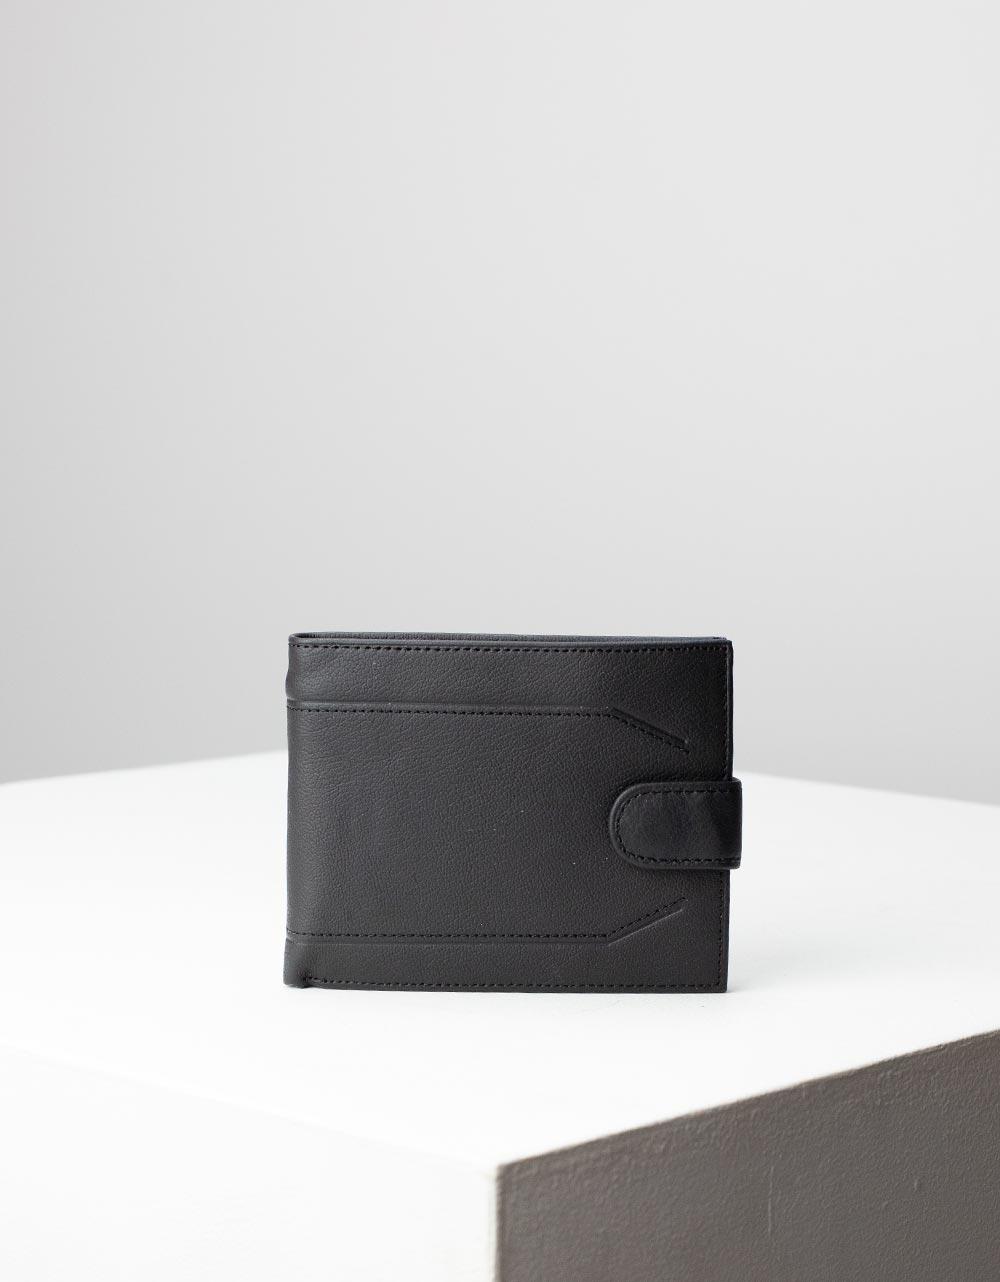 Εικόνα από Ανδρικά δερμάτινα πορτοφόλια με διακοσμητκές ραφές Μαύρο